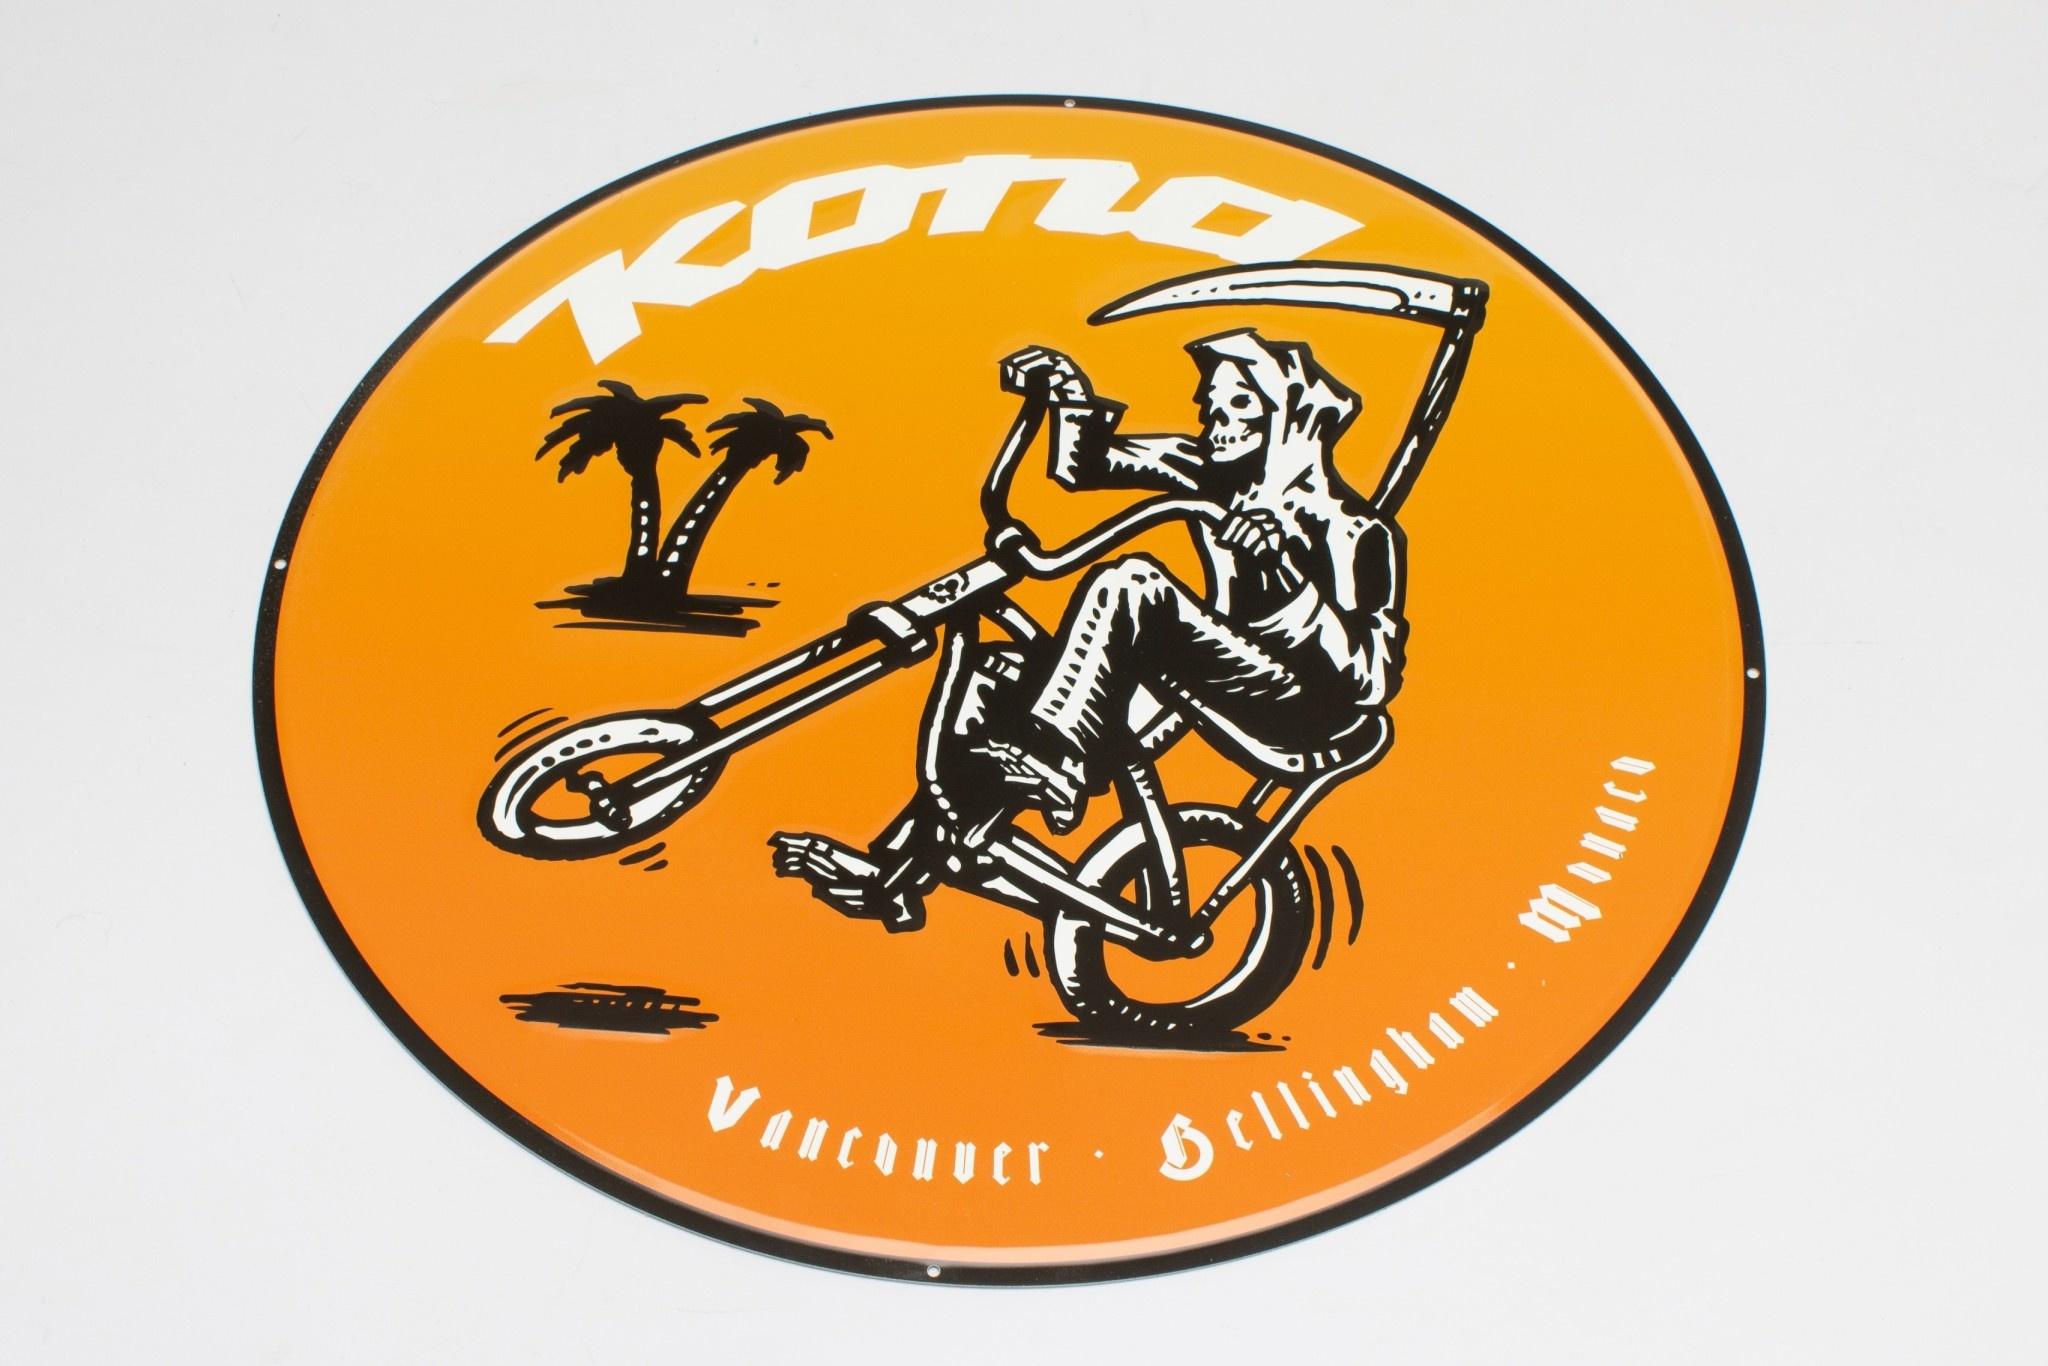 Kona Reaper Metal Sign 18 inch diameter